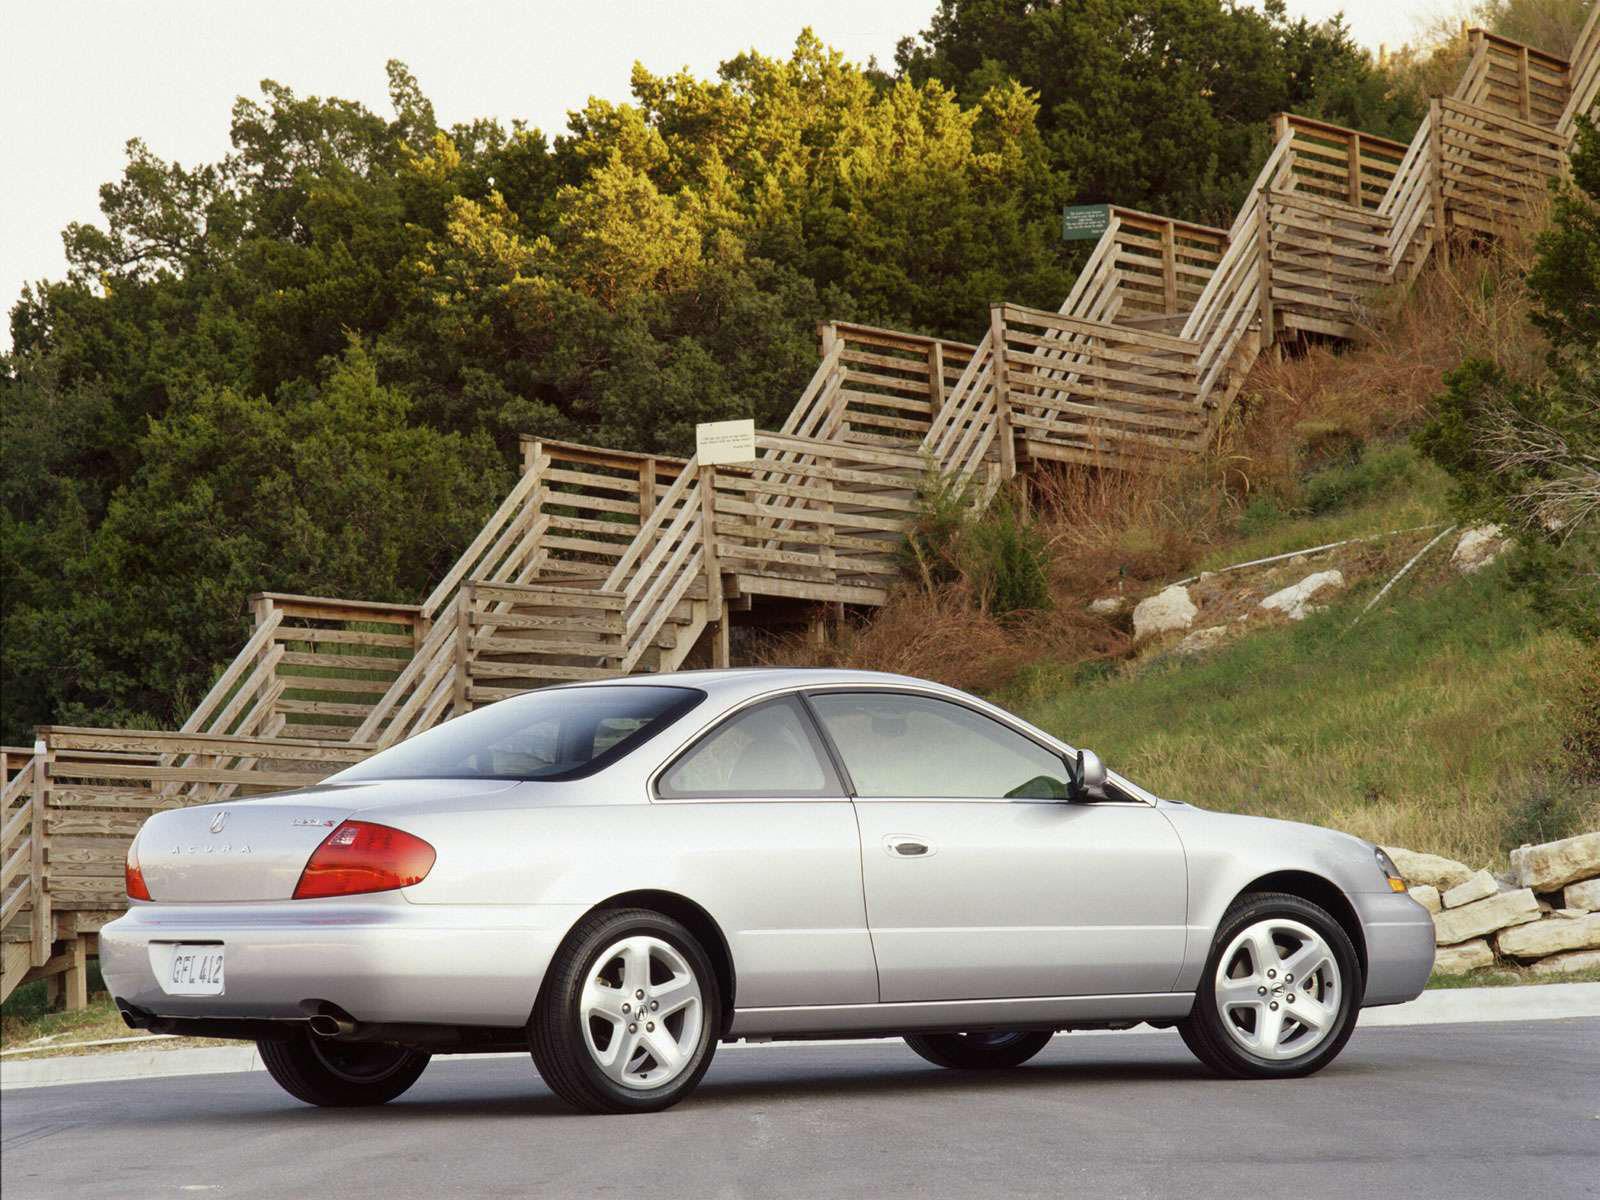 2001 acura 3 2 cl type s car desktop wallpapers 1600x1200 pixels torrance  [ 1600 x 1200 Pixel ]